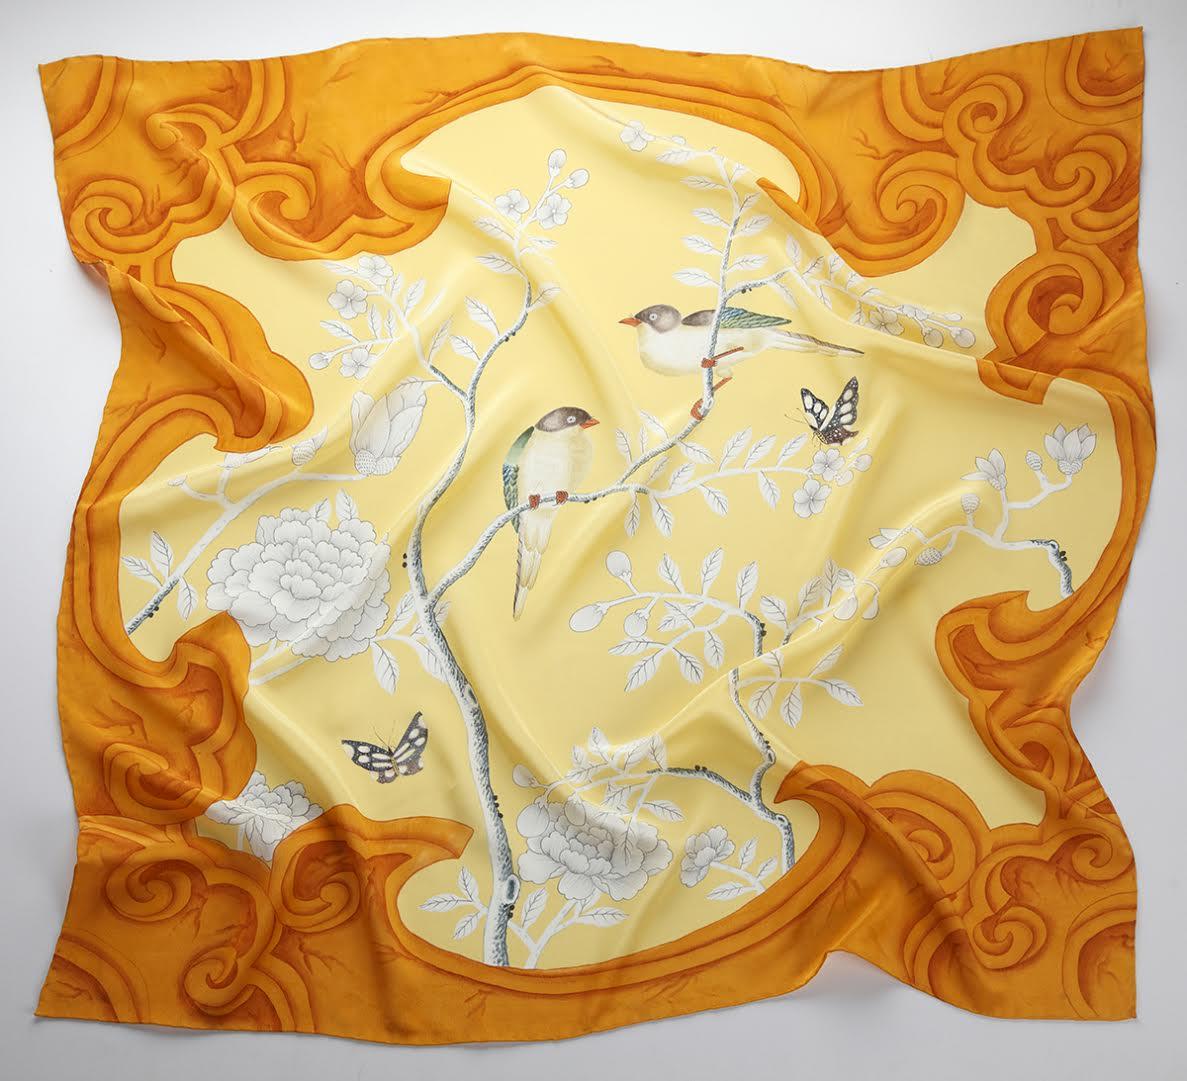 Met Gala Store - Silk Scarves by de Gournay